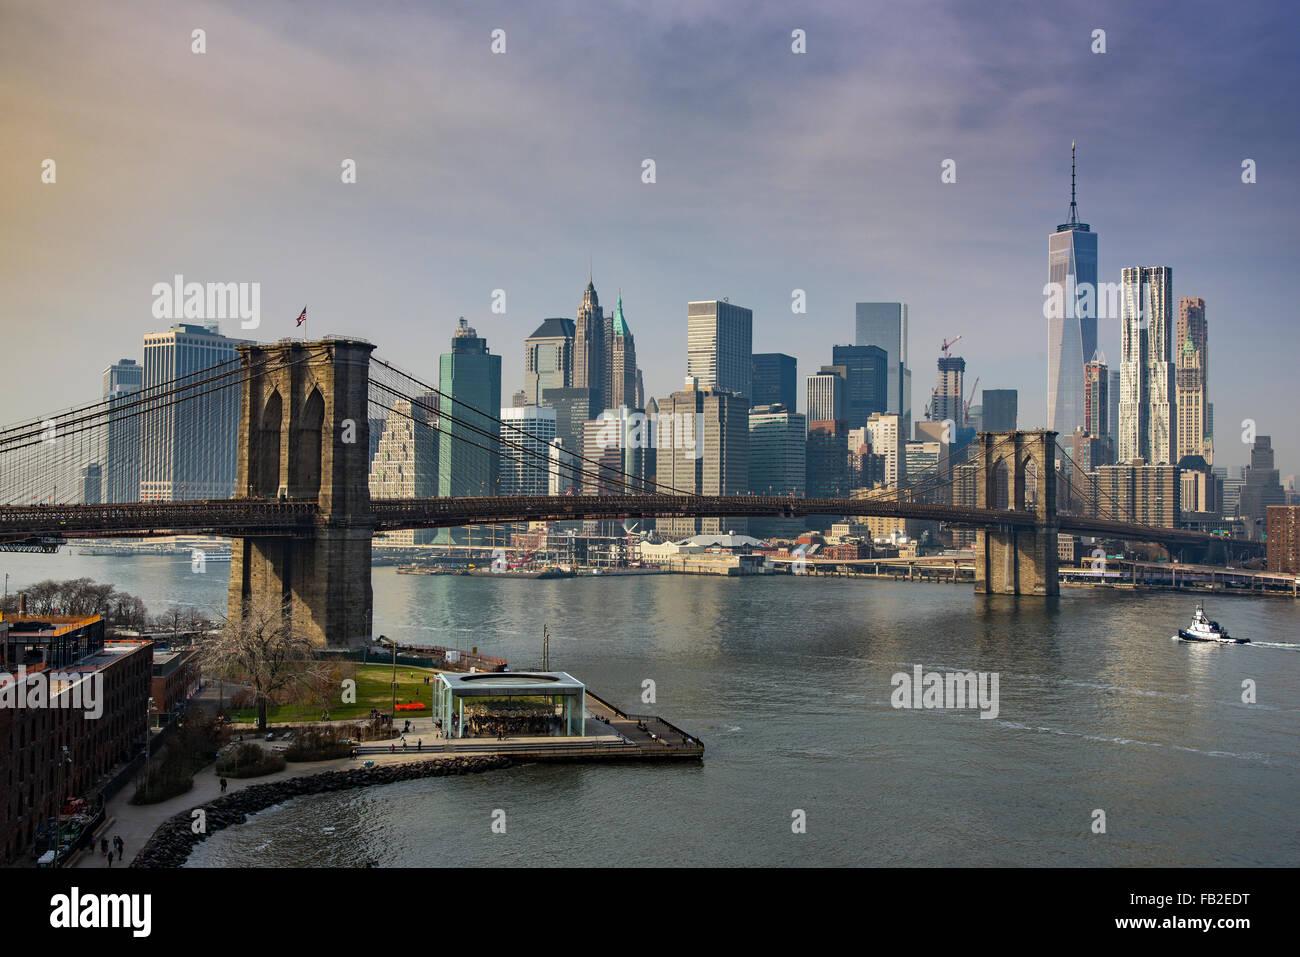 Puente de Brooklyn y el Bajo Manhattan, Nueva York, EE.UU. Imagen De Stock